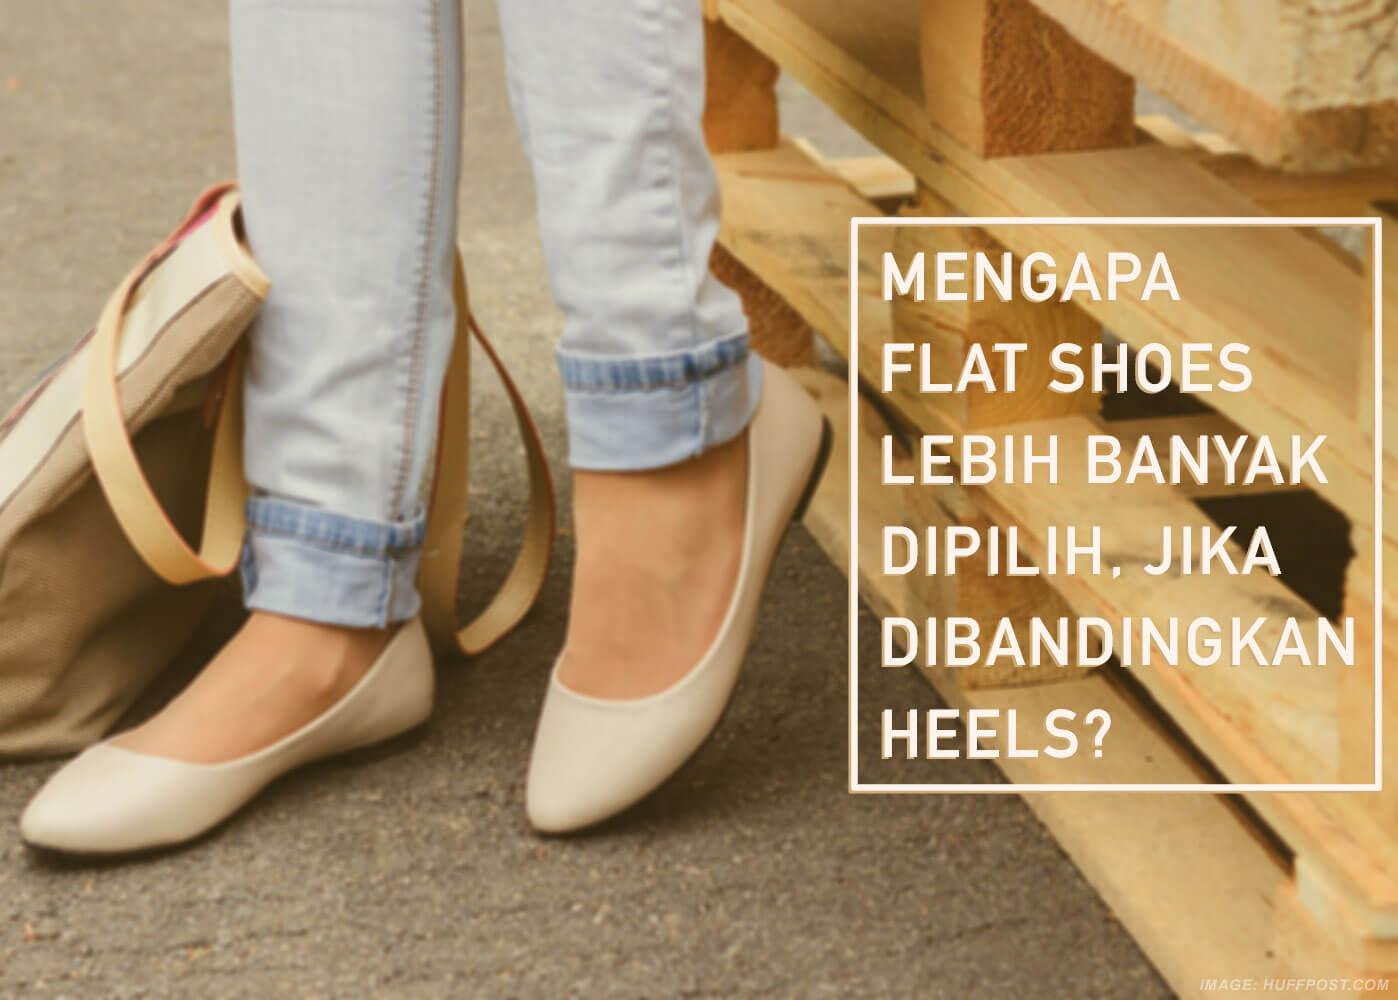 Mengapa Flat Shoes Lebih Banyak Dipilih Dibandingkan Heels?